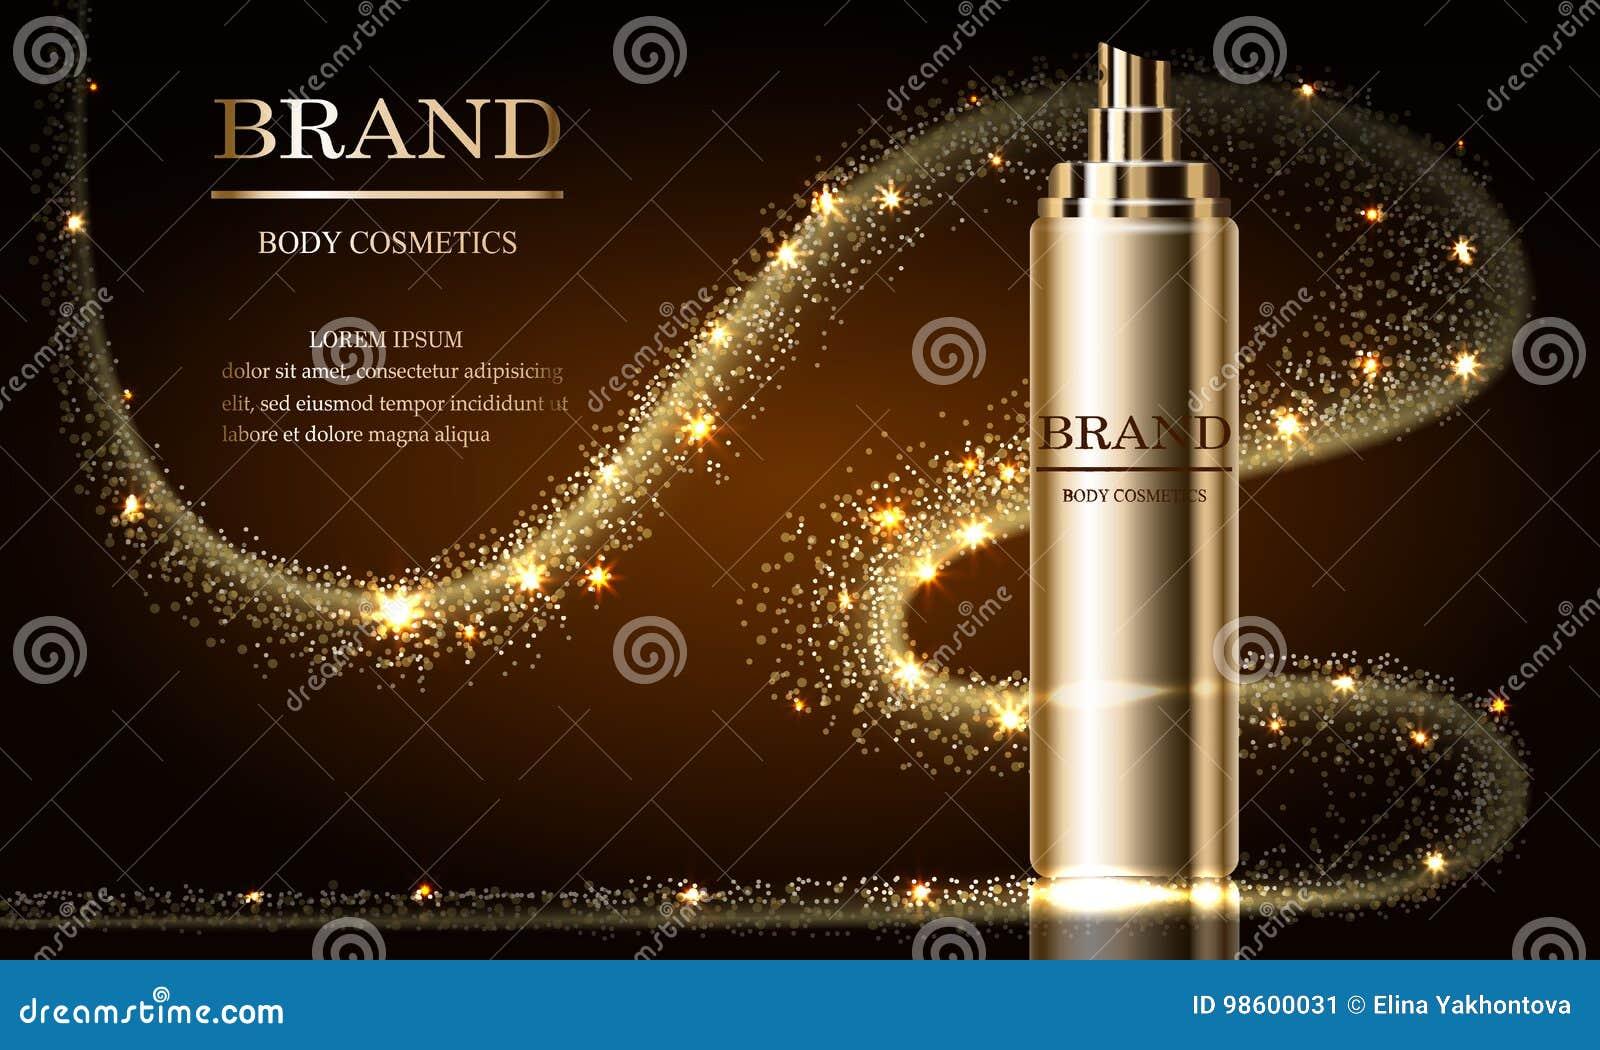 化妆用品秀丽系列,优质浪花奶油大模型广告护肤的 设计海报的,横幅模板 向量